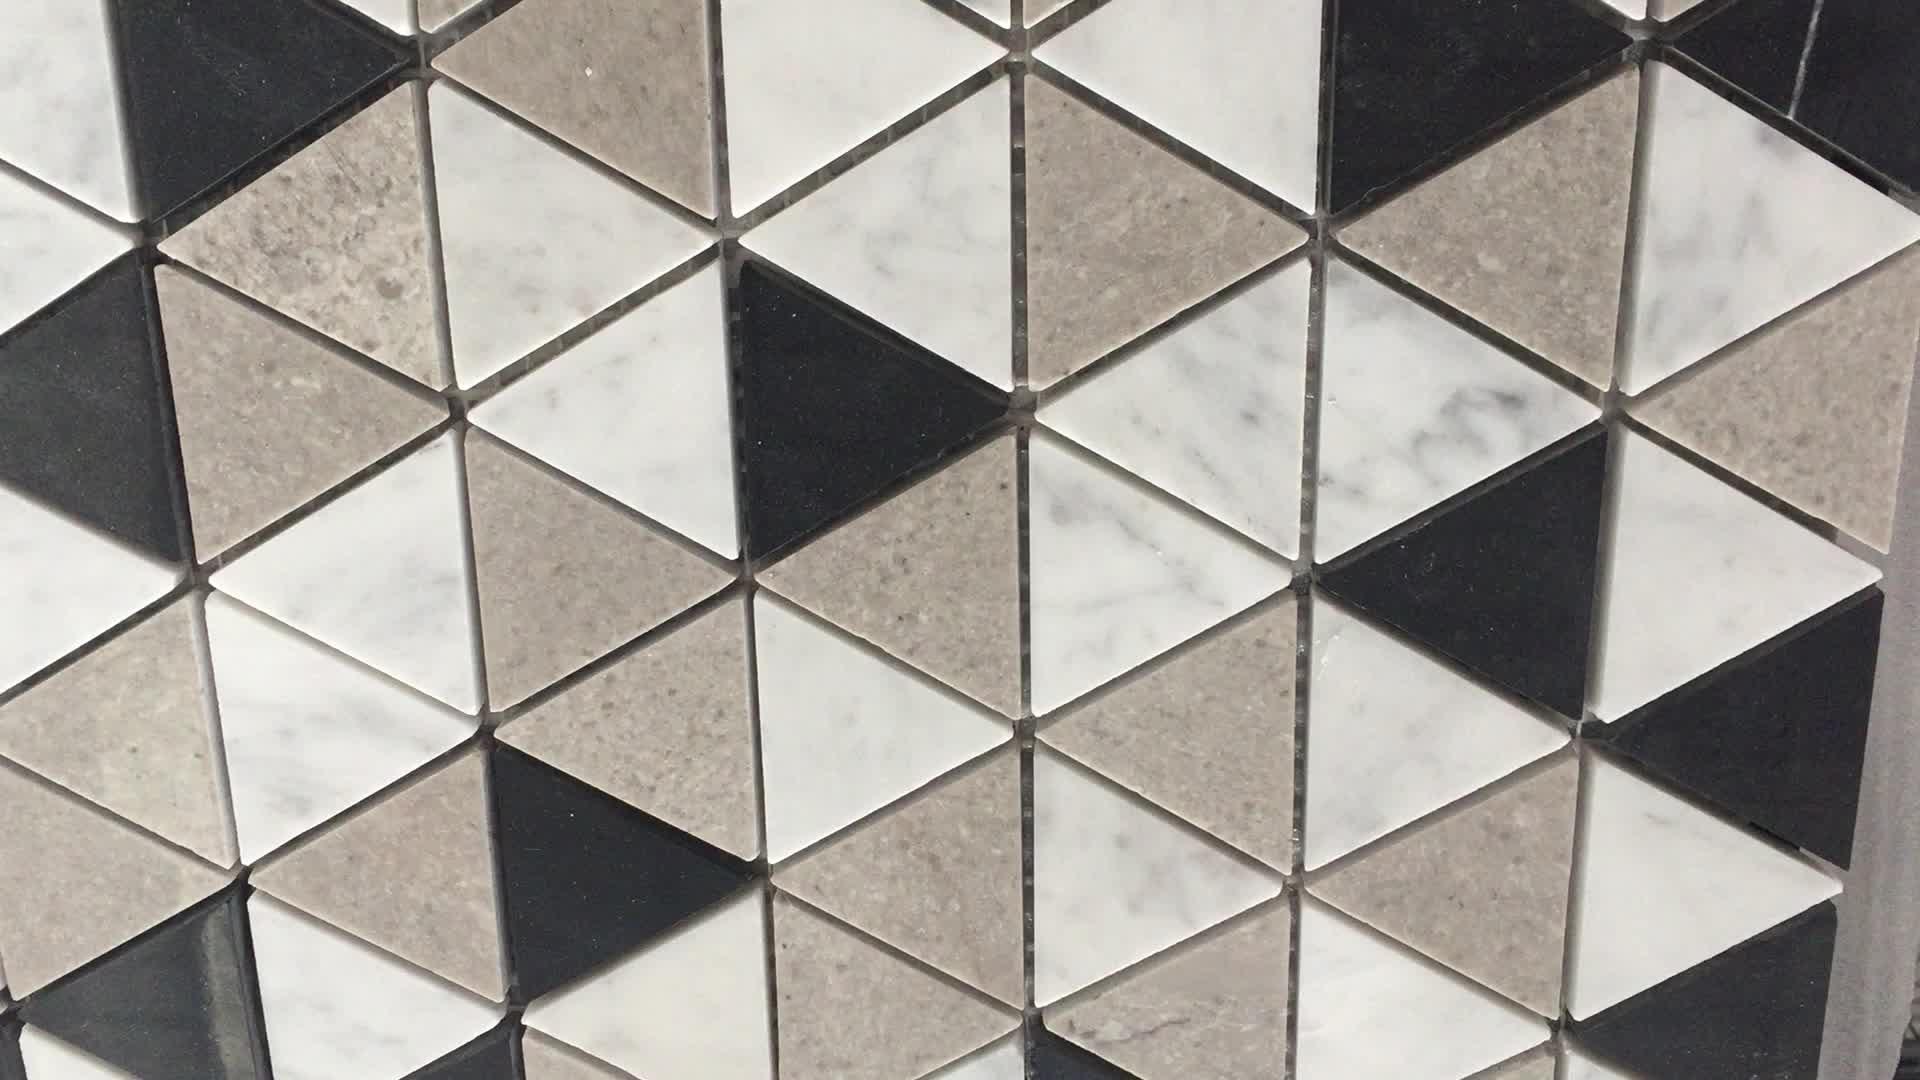 Pavimento Bianco E Grigio : Forma di triangolo nero bianco e grigio marmo mosaico pavimento di